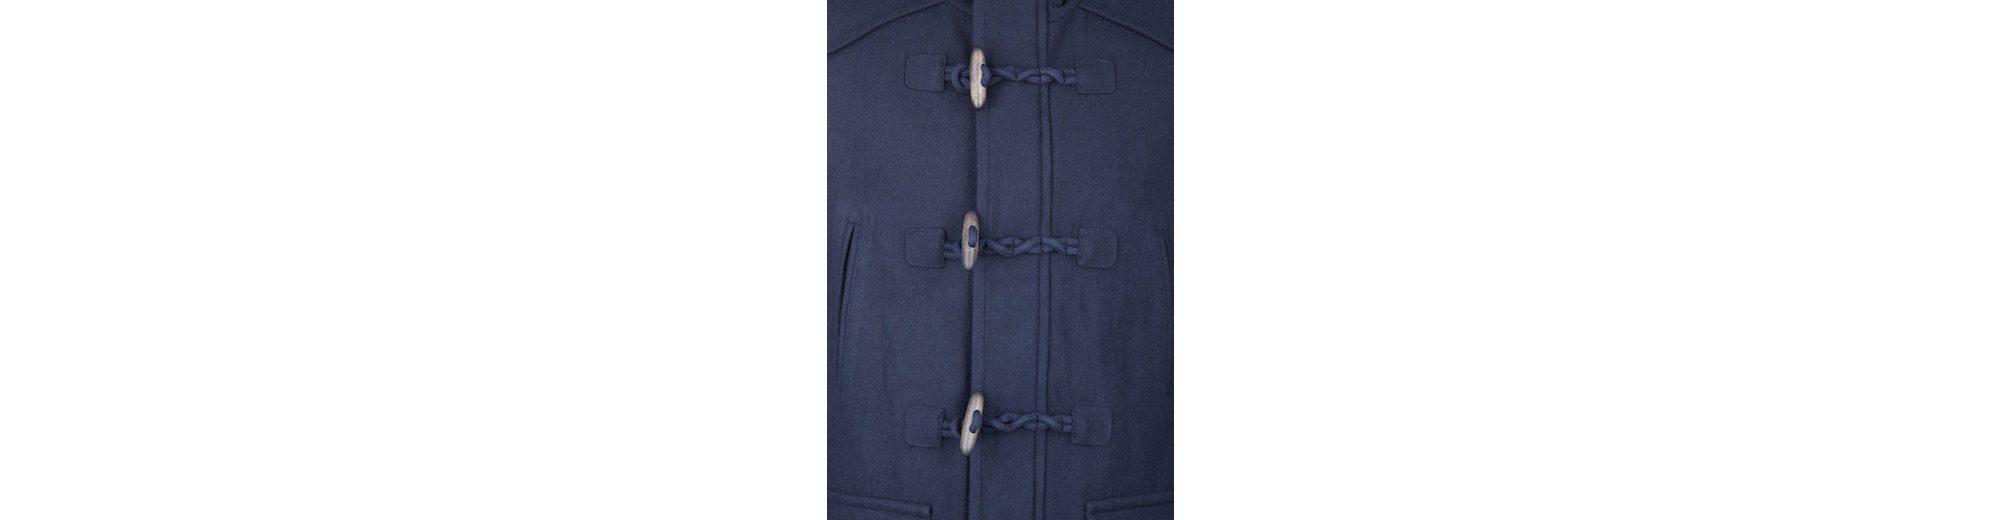 DREIMASTER Dufflecoat Billig 100% Original Limitierte Auflage Online-Verkauf y1qGZ0O